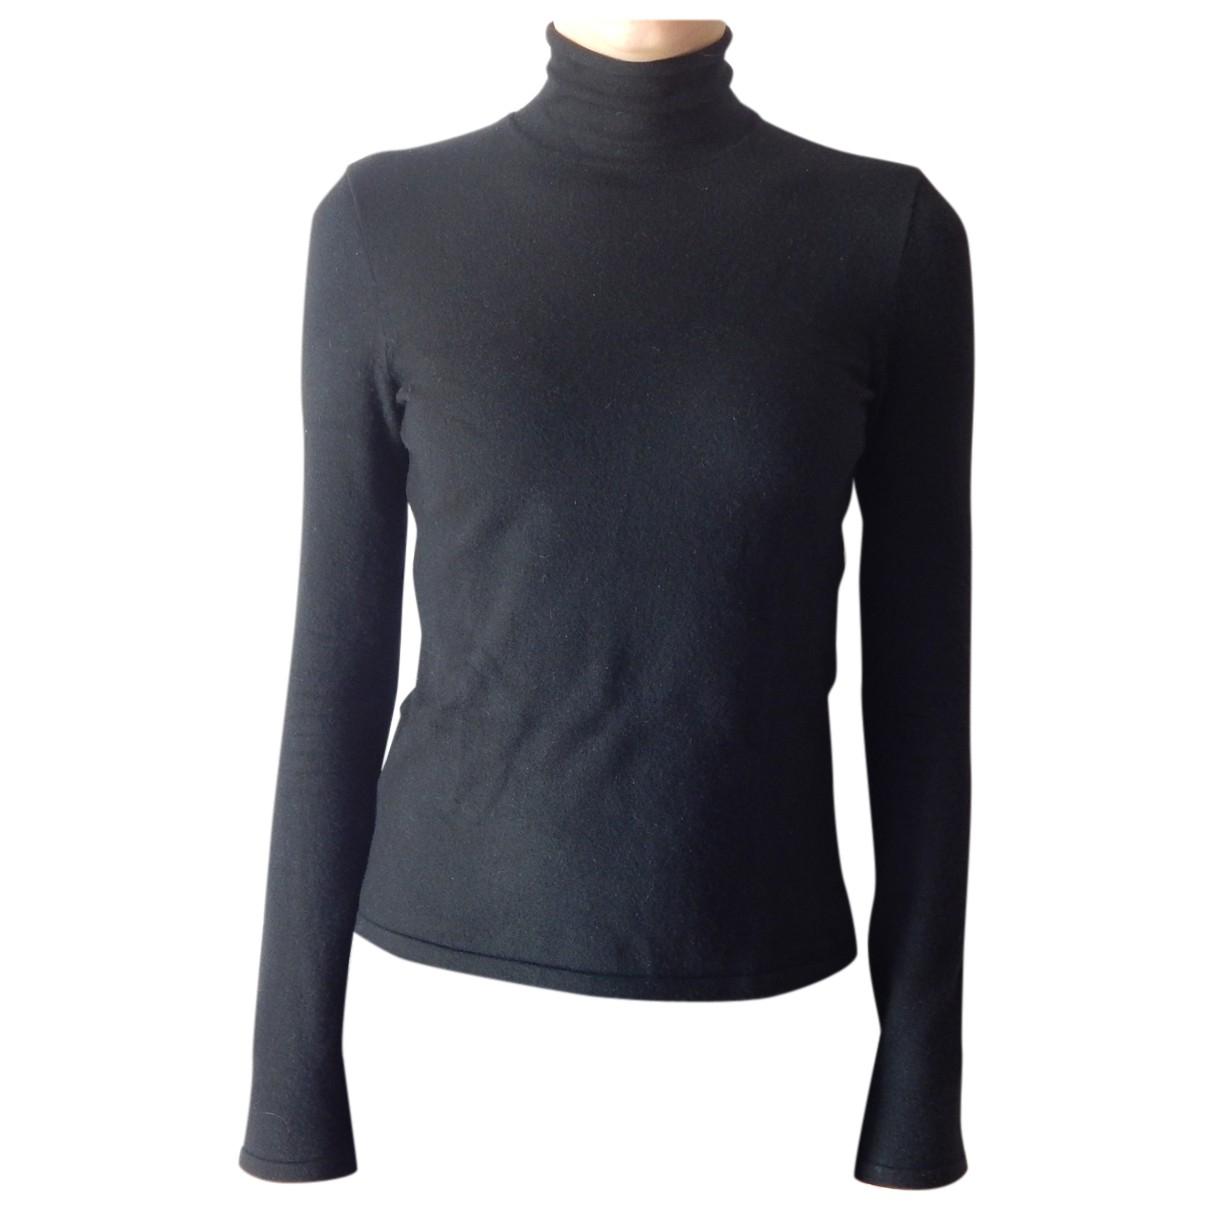 Ralph Lauren Purple Label N Black Cashmere Knitwear for Women M International